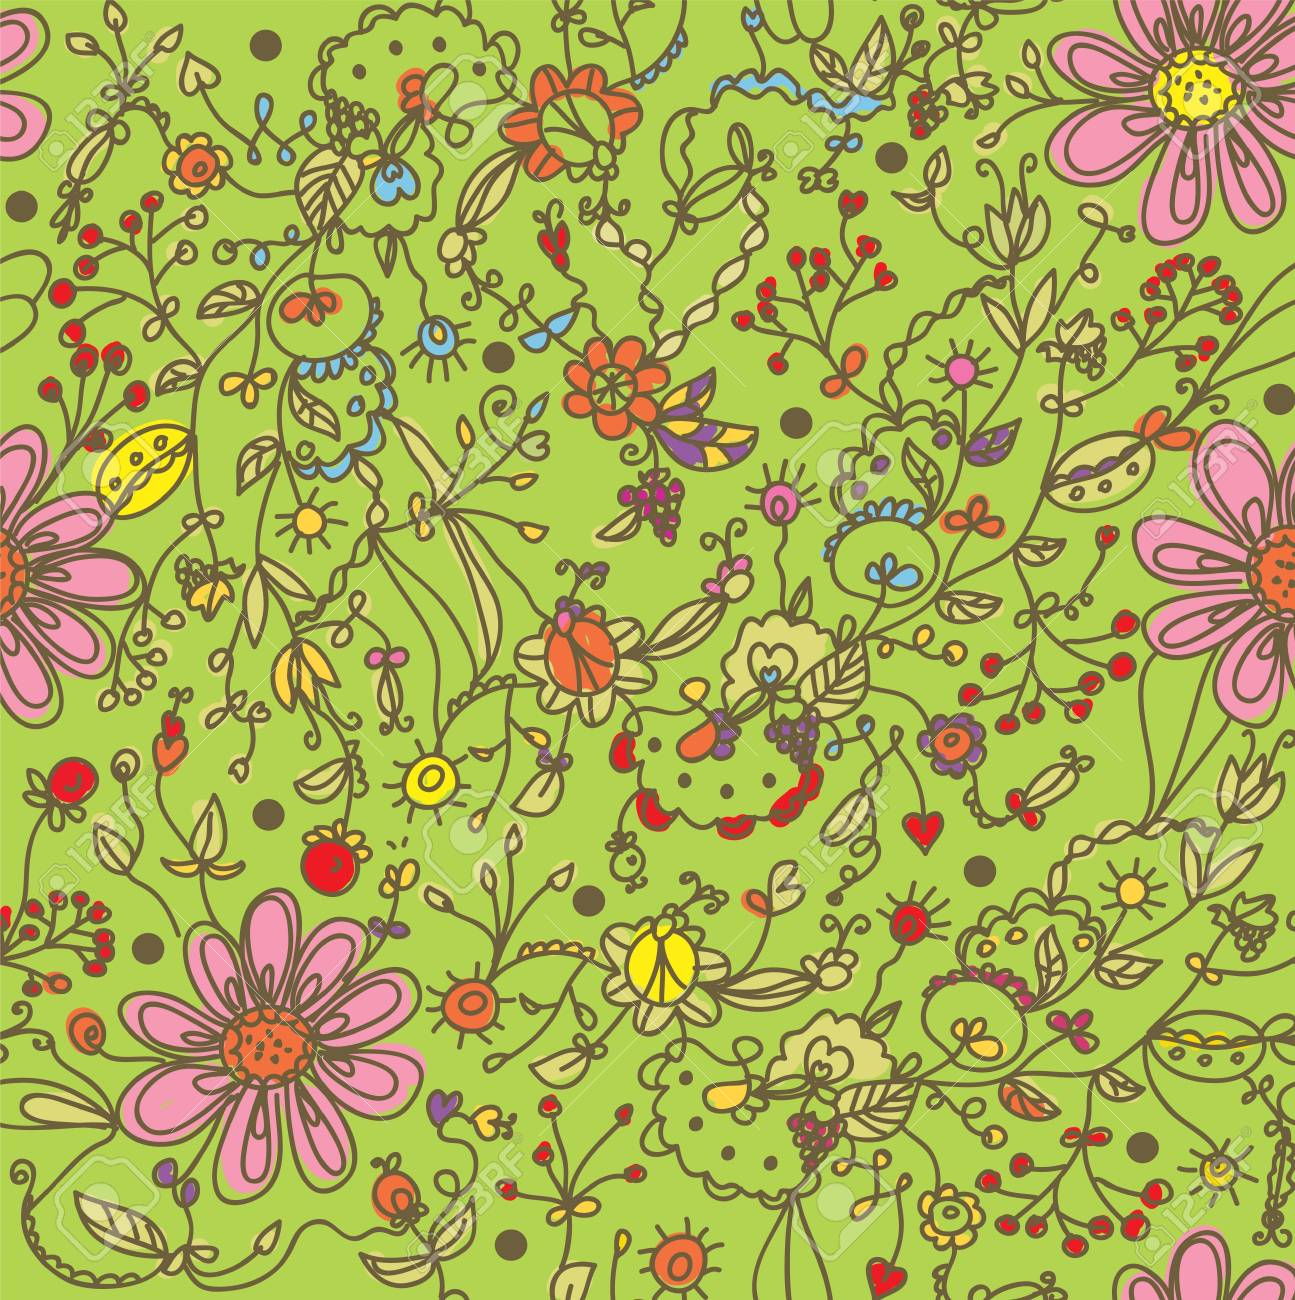 Frühling Lustig Nahtlose Florale Muster Karikatur Lizenzfrei